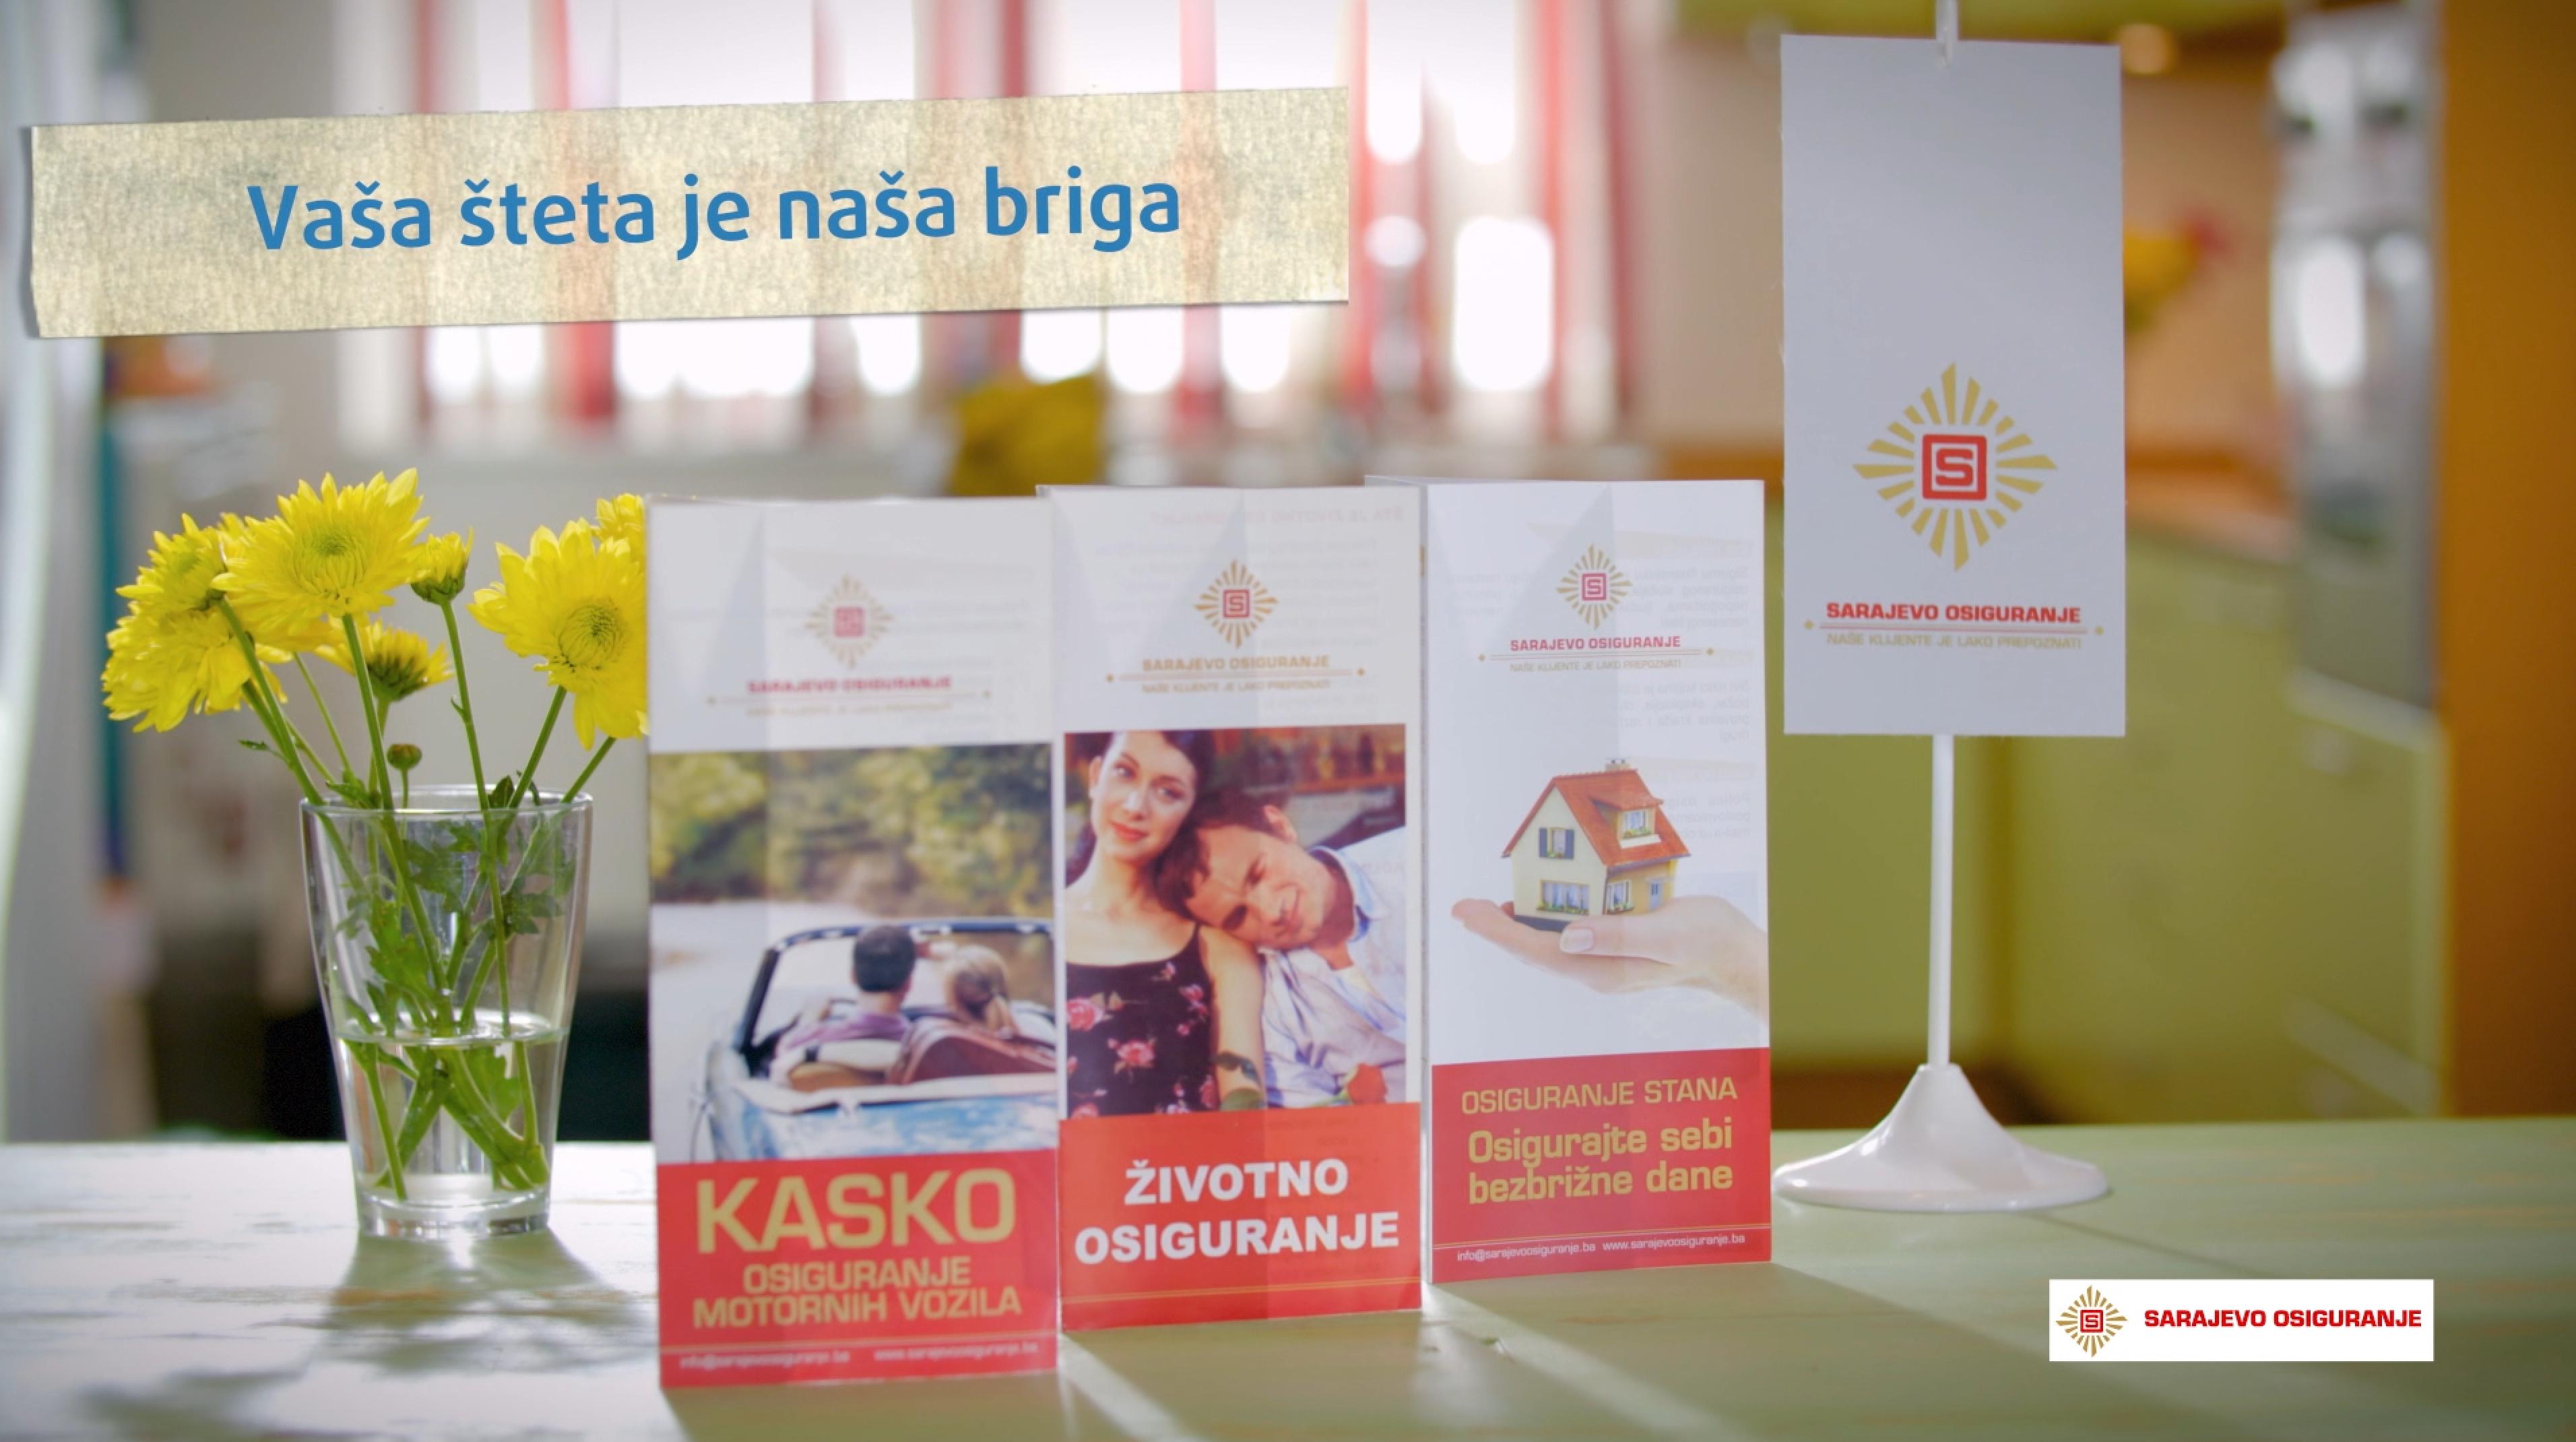 """Sarajevo-osiguranje u kampanji """"Na stranu strano, domaće je jače"""""""